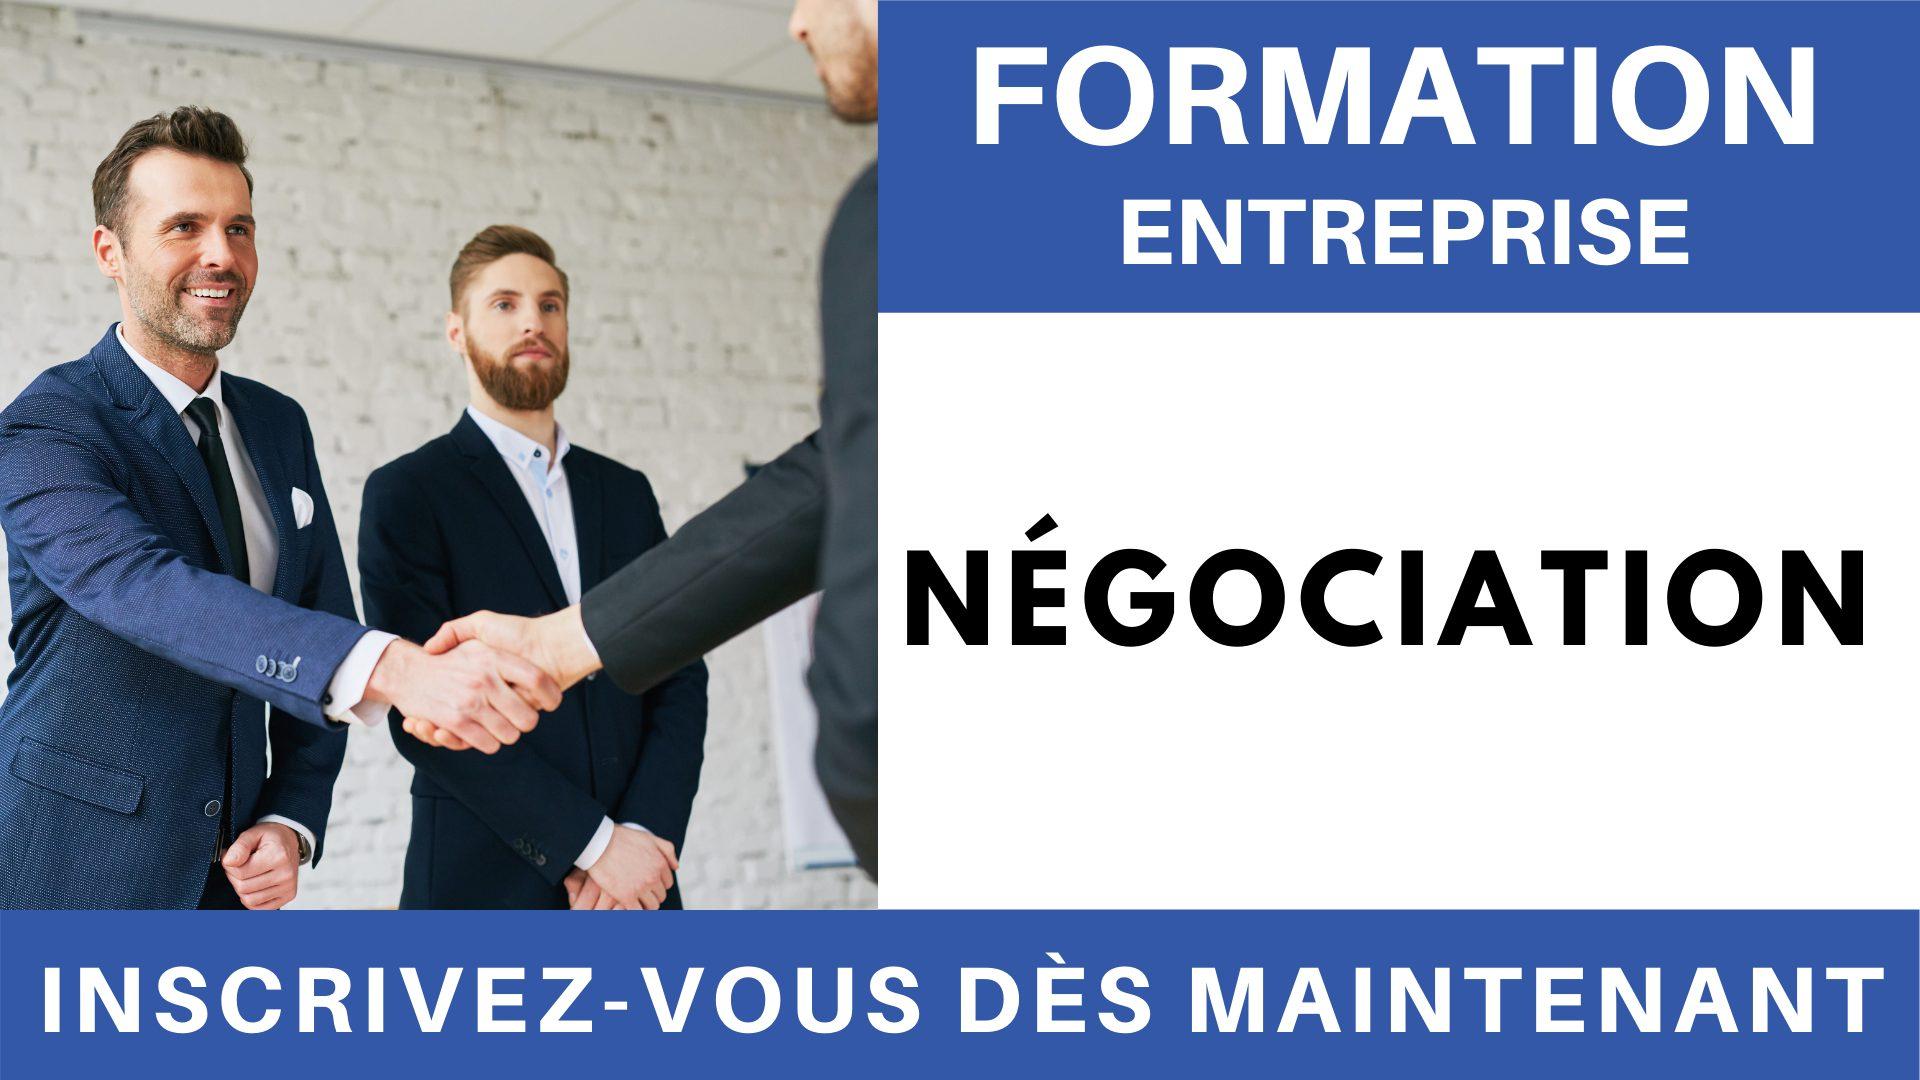 Formation Entreprise - Négociation